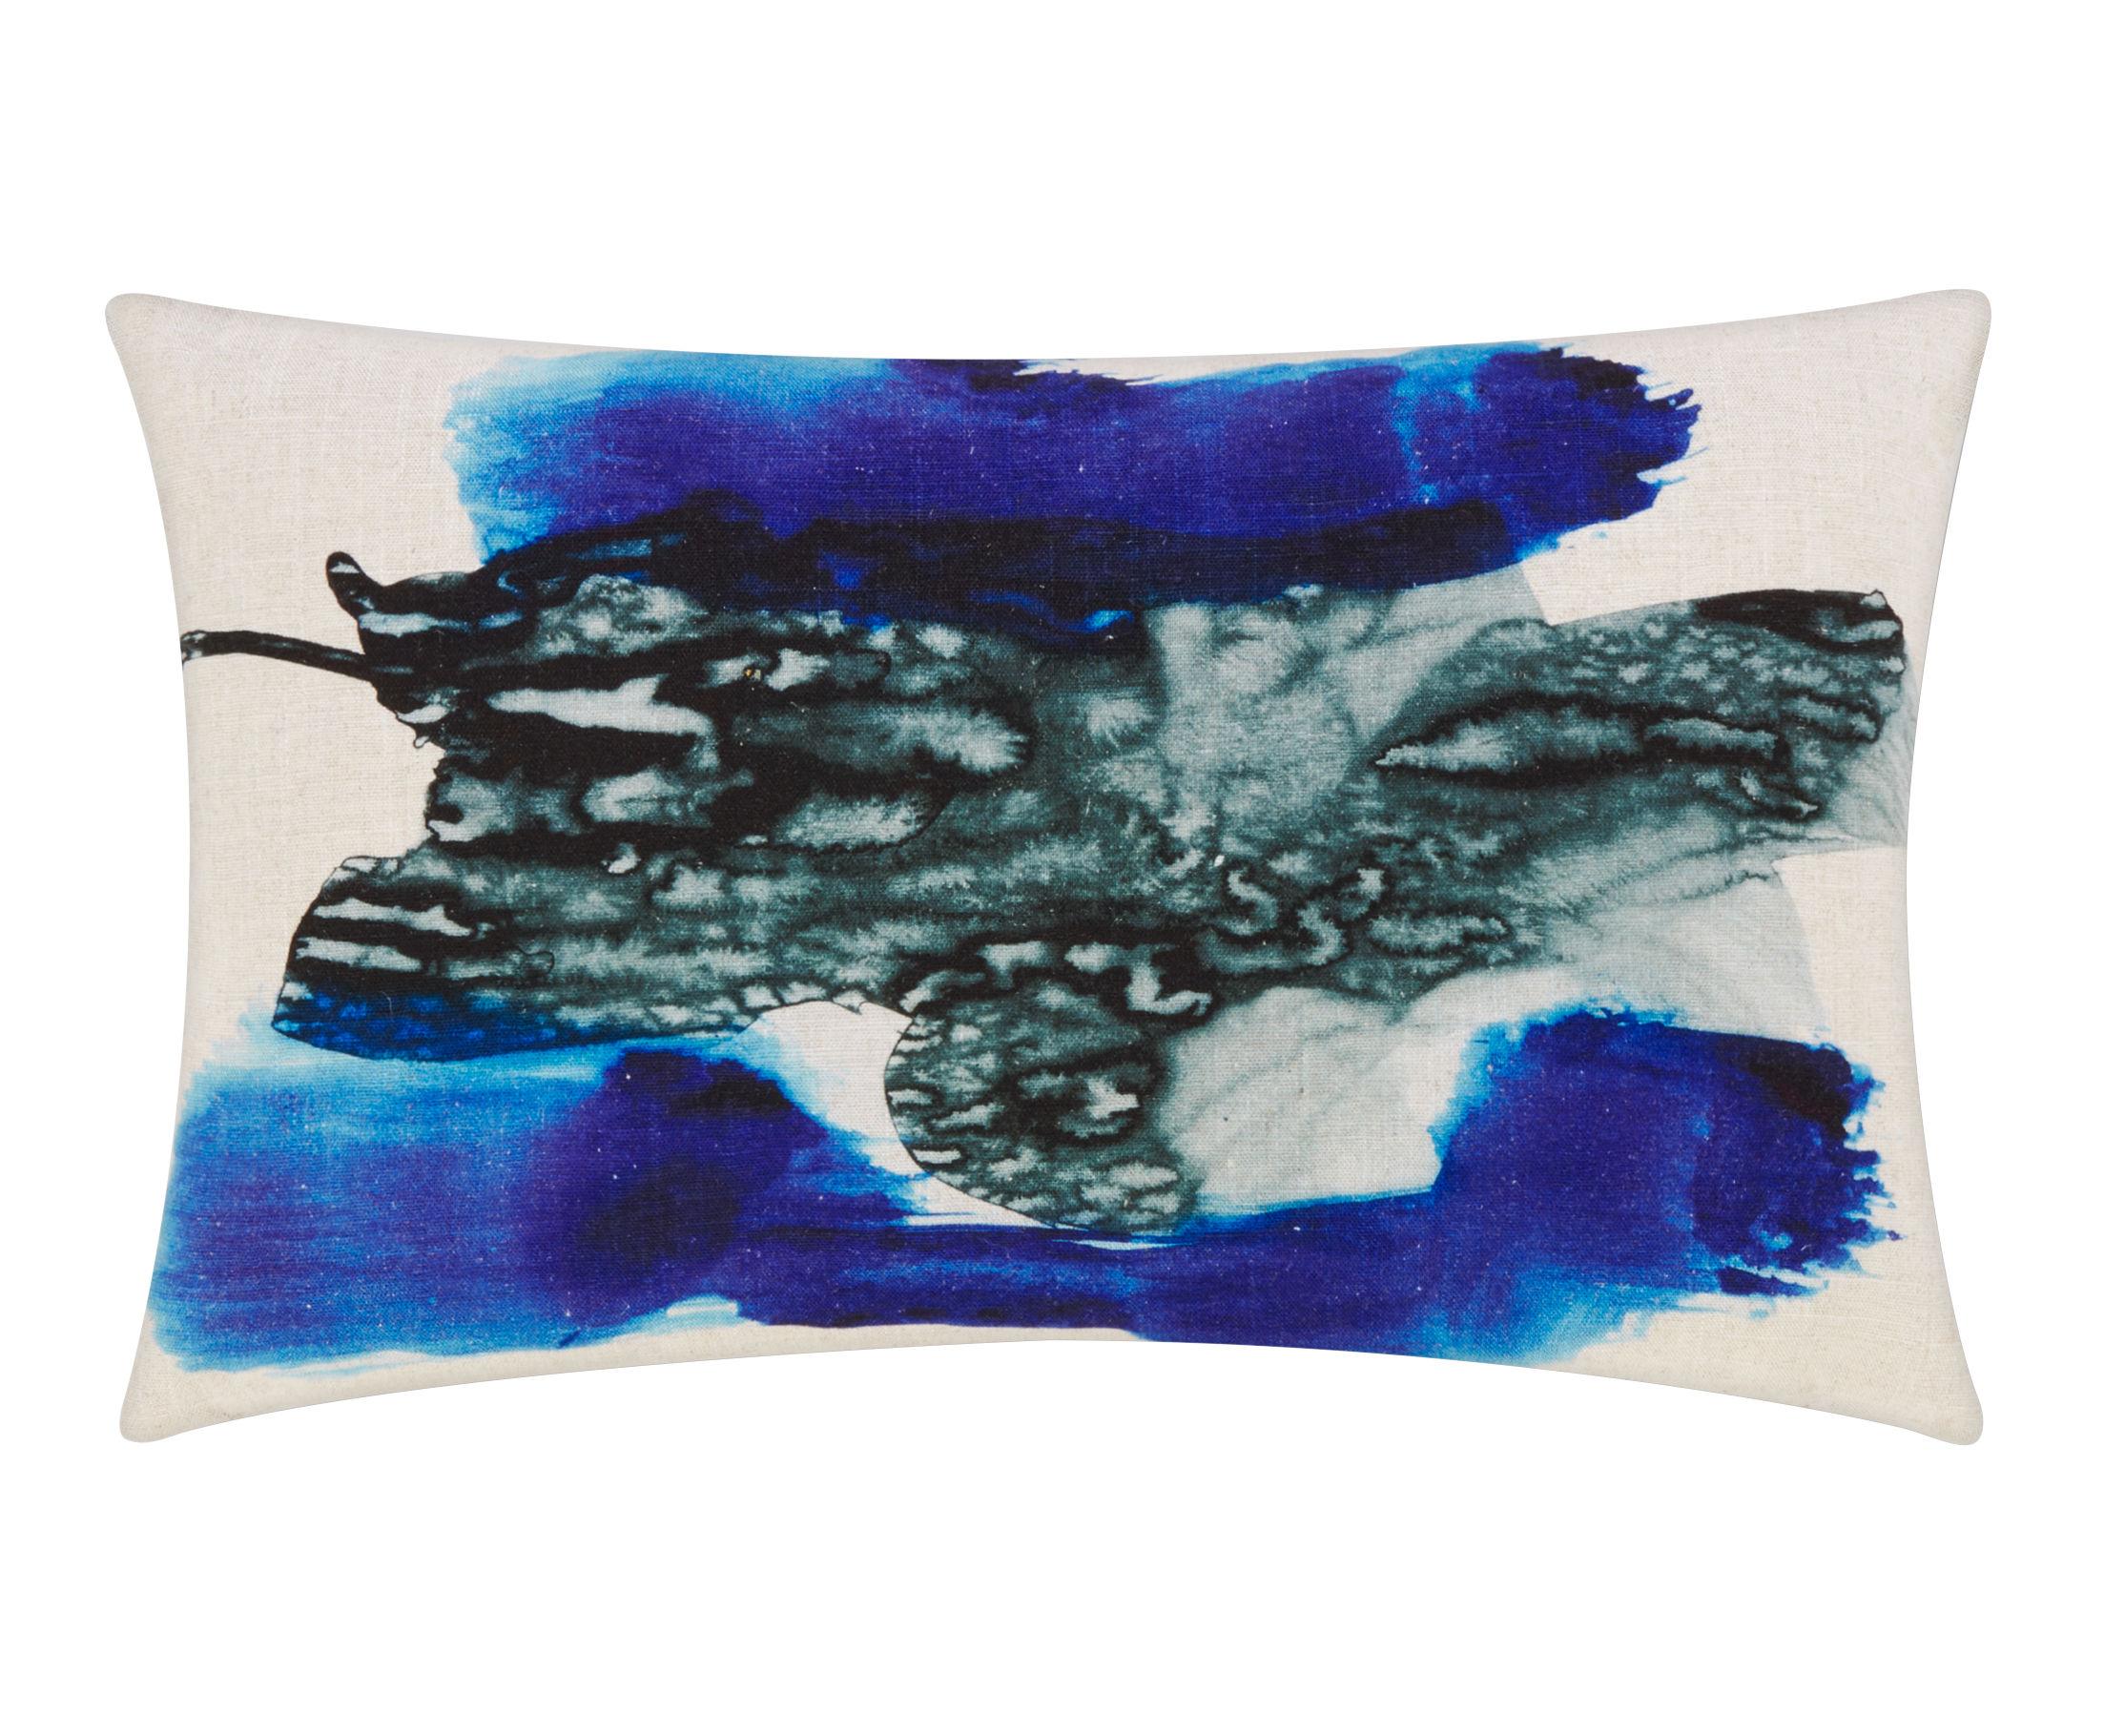 Déco - Coussins - Coussin Blot / 40 x 60 cm - Tom Dixon - 40 x 60 cm / Bleu - Lin, Plumes canard, Viscose